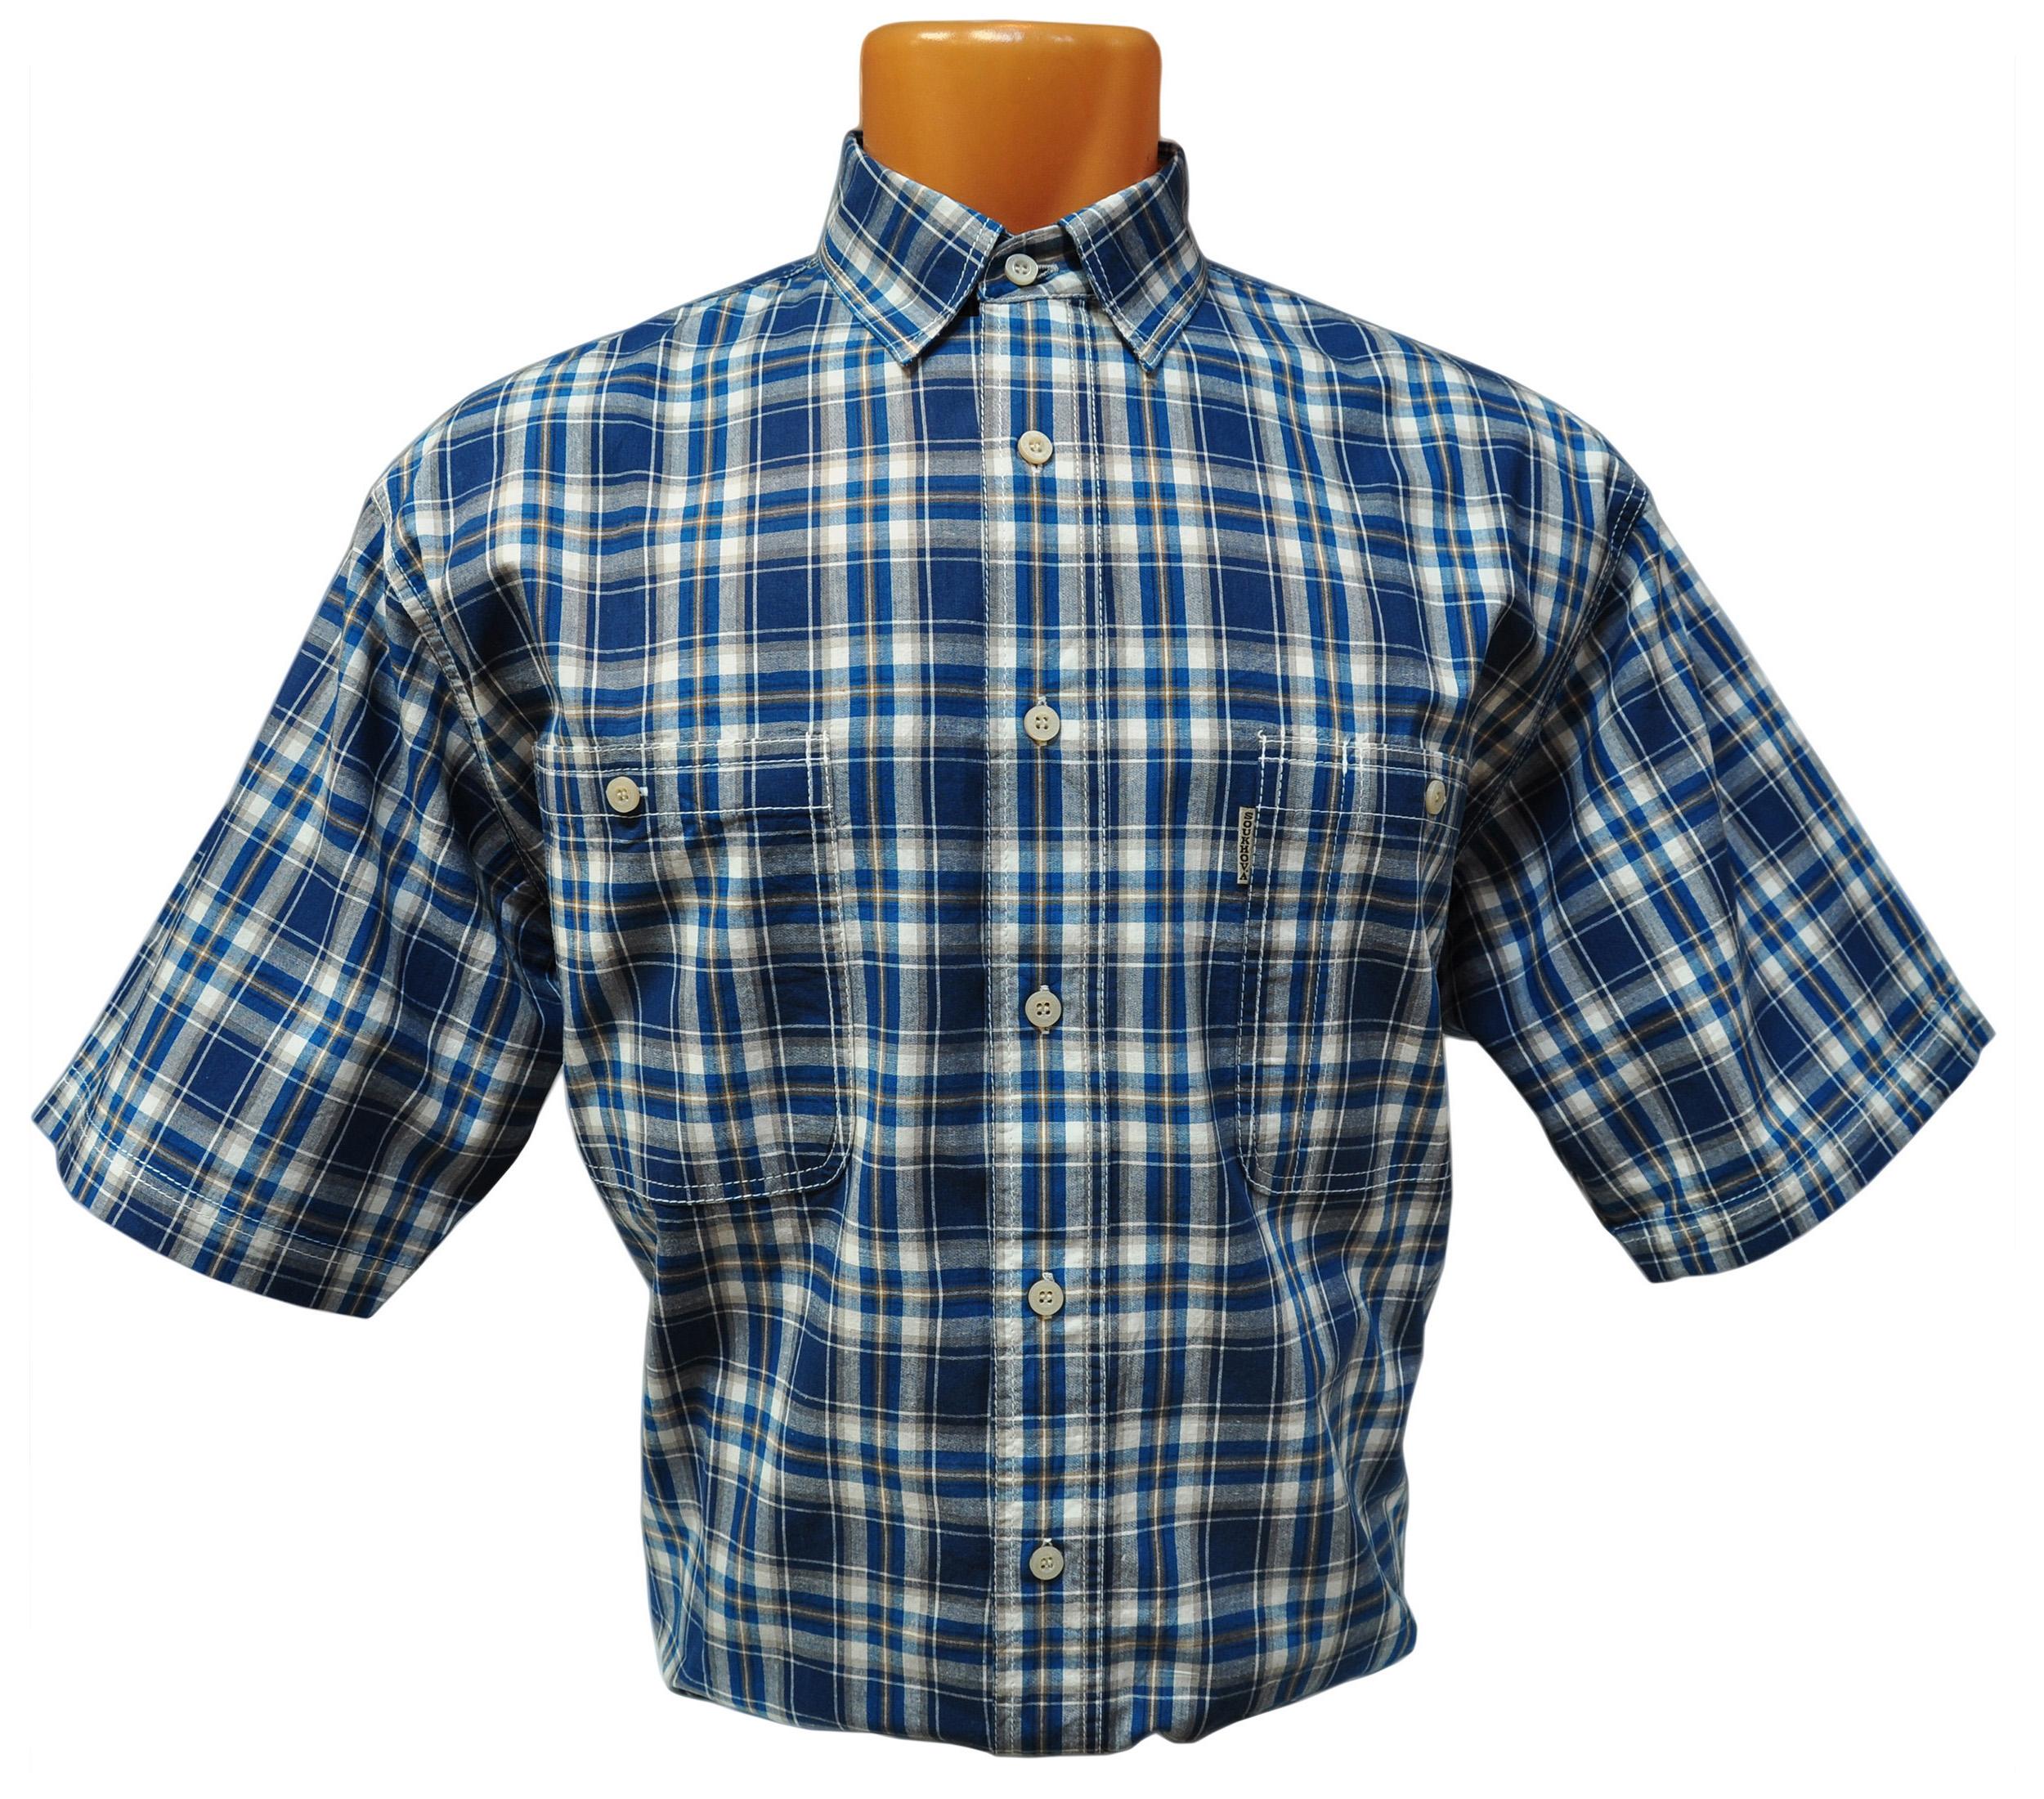 Мужская рубашка в среднюю зелено-бежевую клетку с светло-коричневой